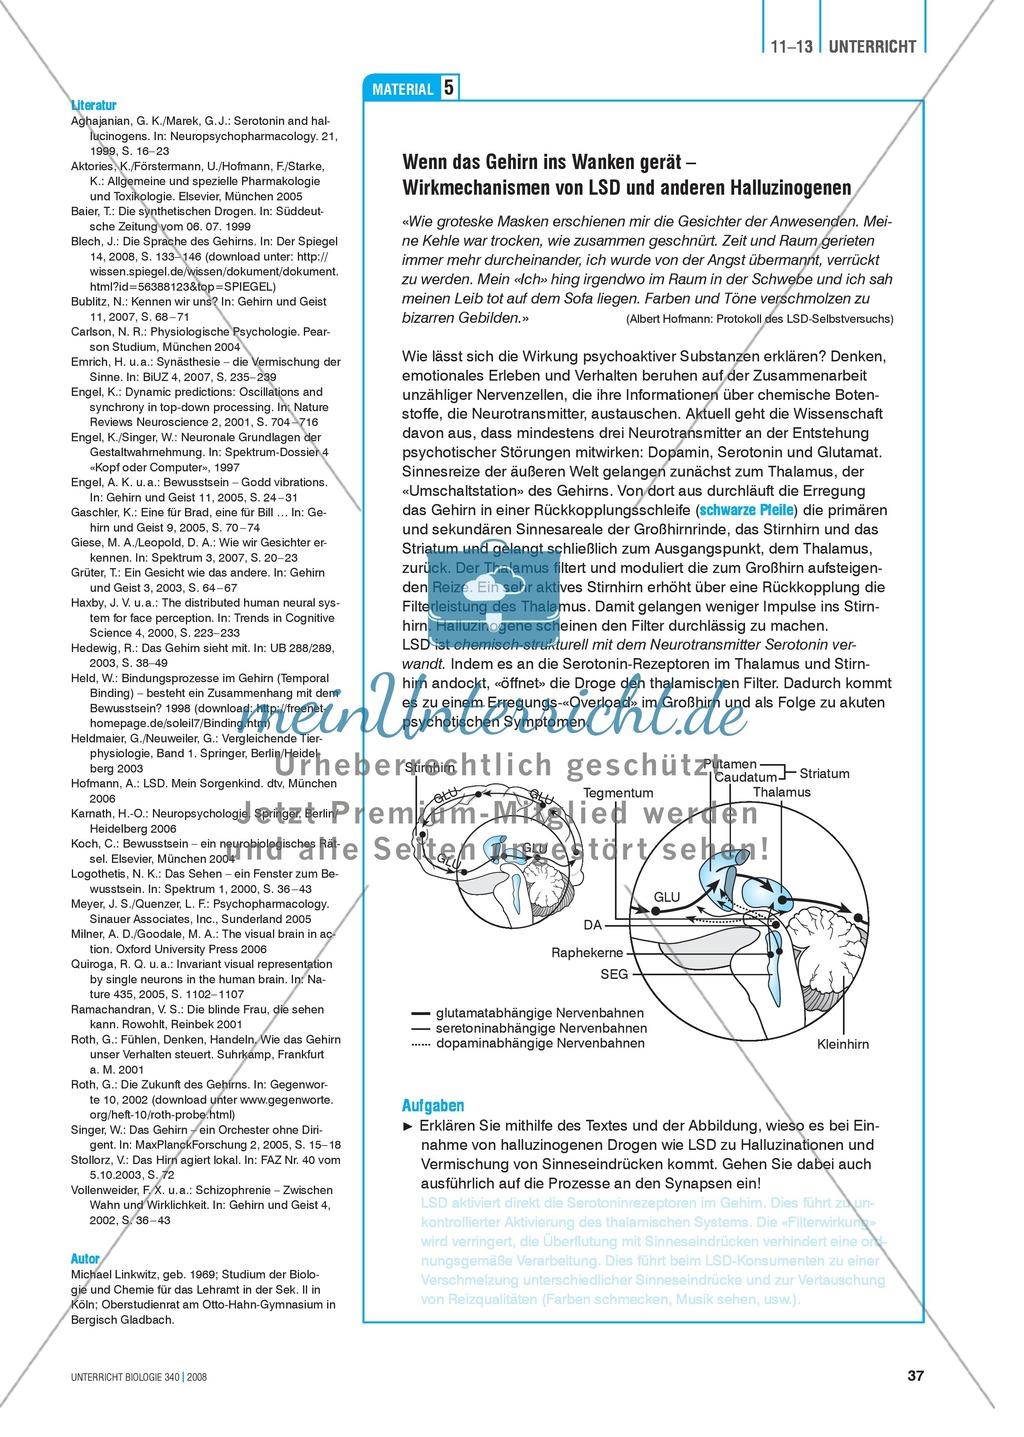 Kompartimentierung: Vernetzung im Gehirn - Gesichtserkennung durch Neuronen Preview 6